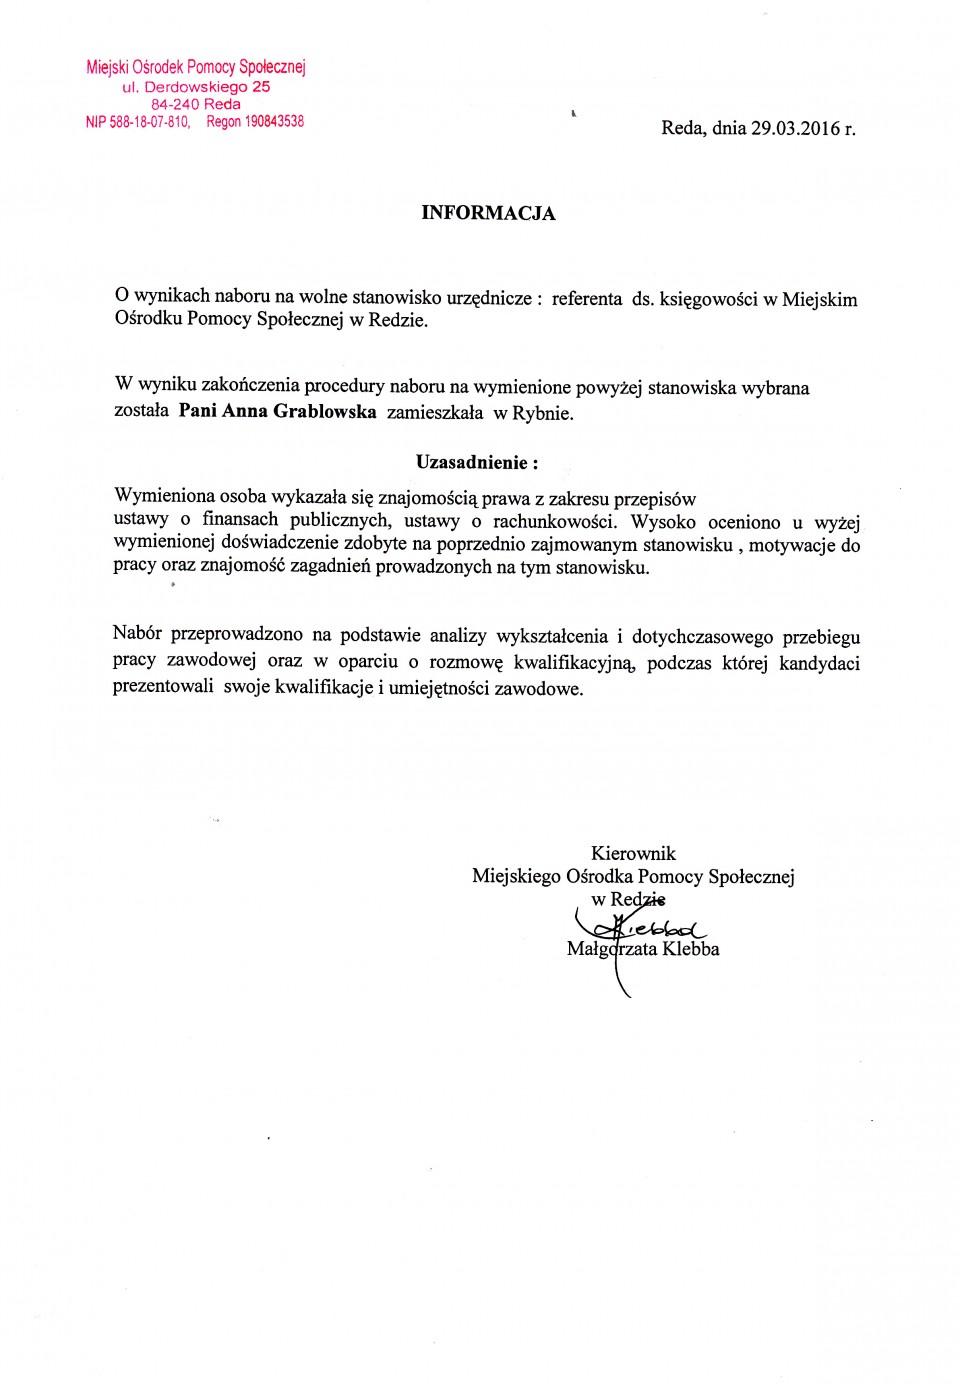 Informacja o wynikach naboru na wolne stanowisko urzędnicze: referenta ds. księgowości.